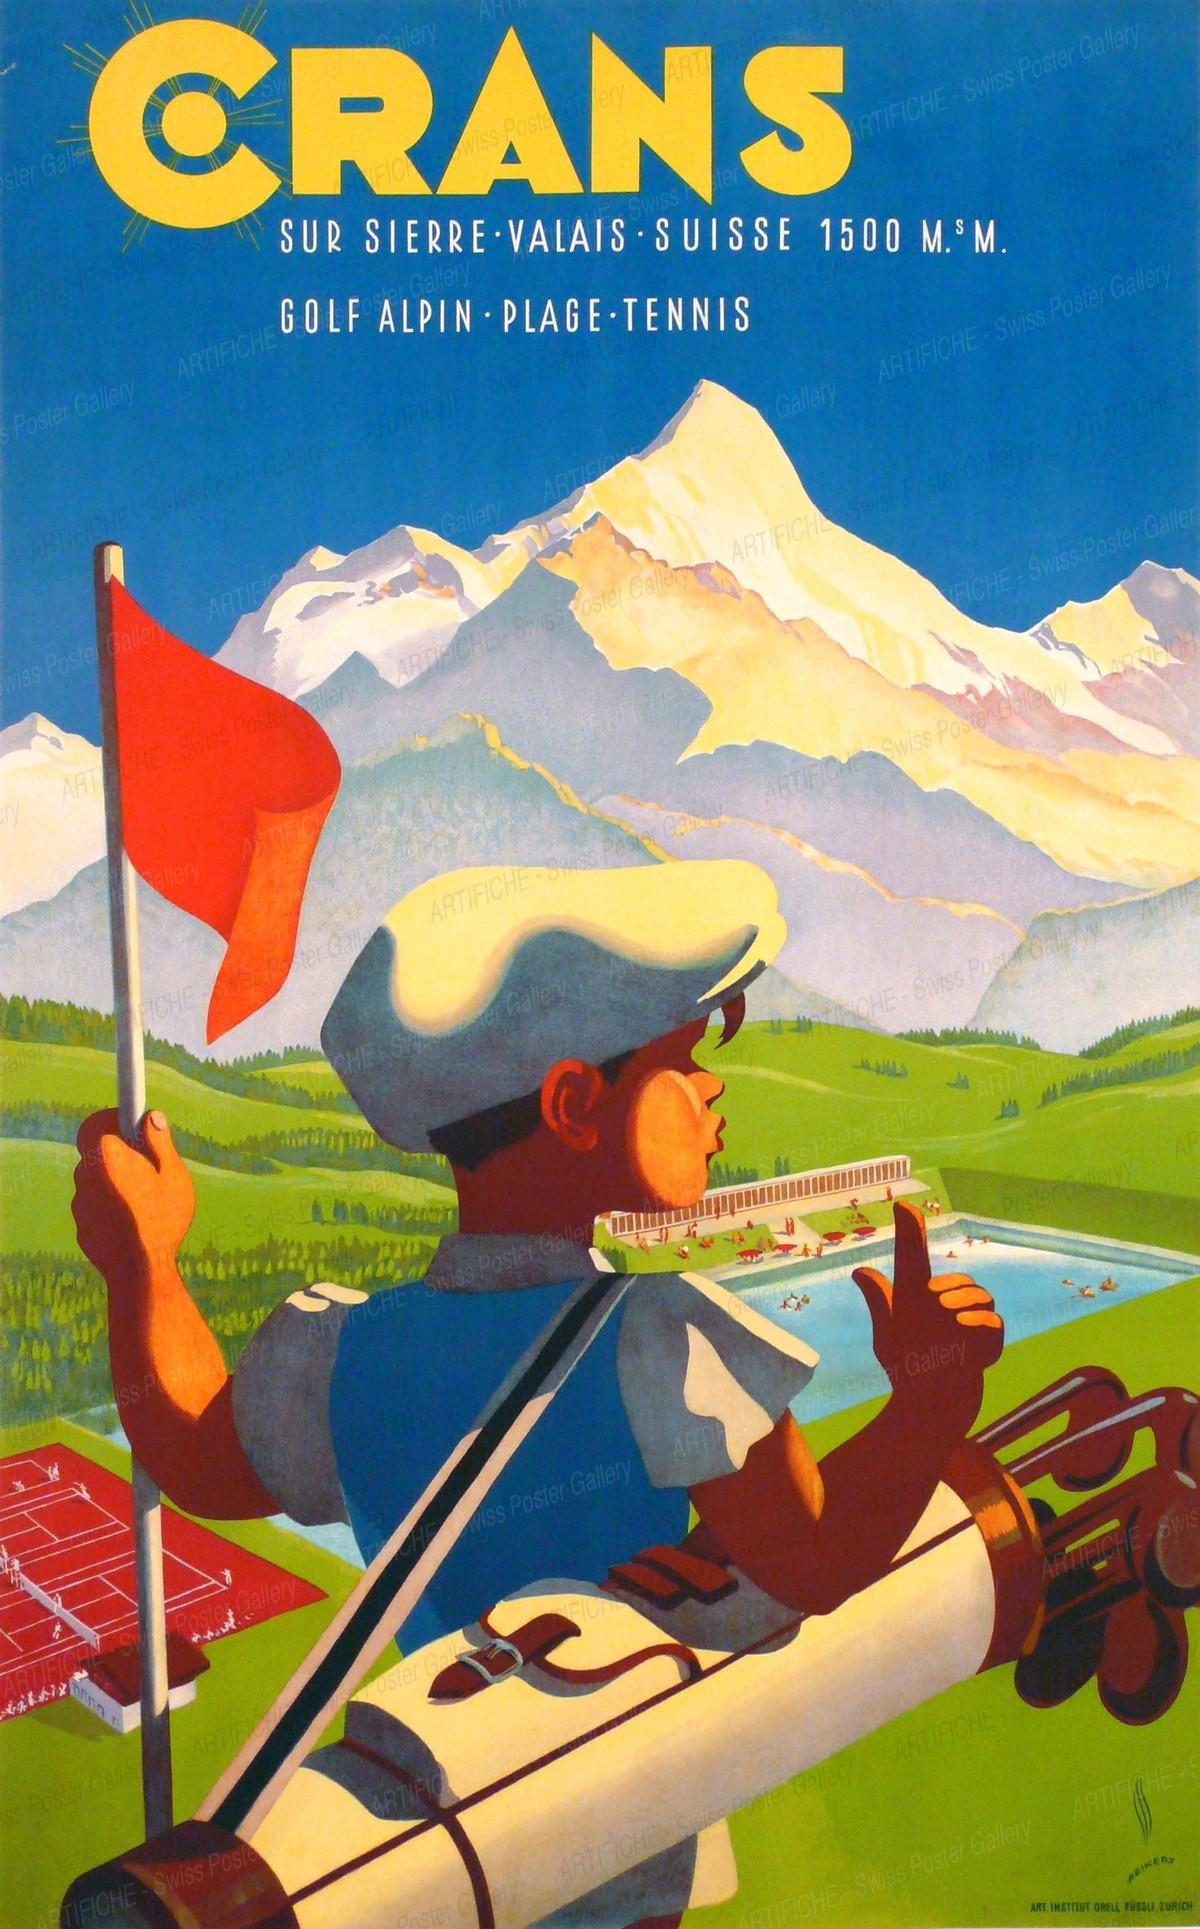 CRANS sur Sierre – Valais – Suisse – 1500 müM – Golf Alpin – Plage – Tennis, Martin Peikert